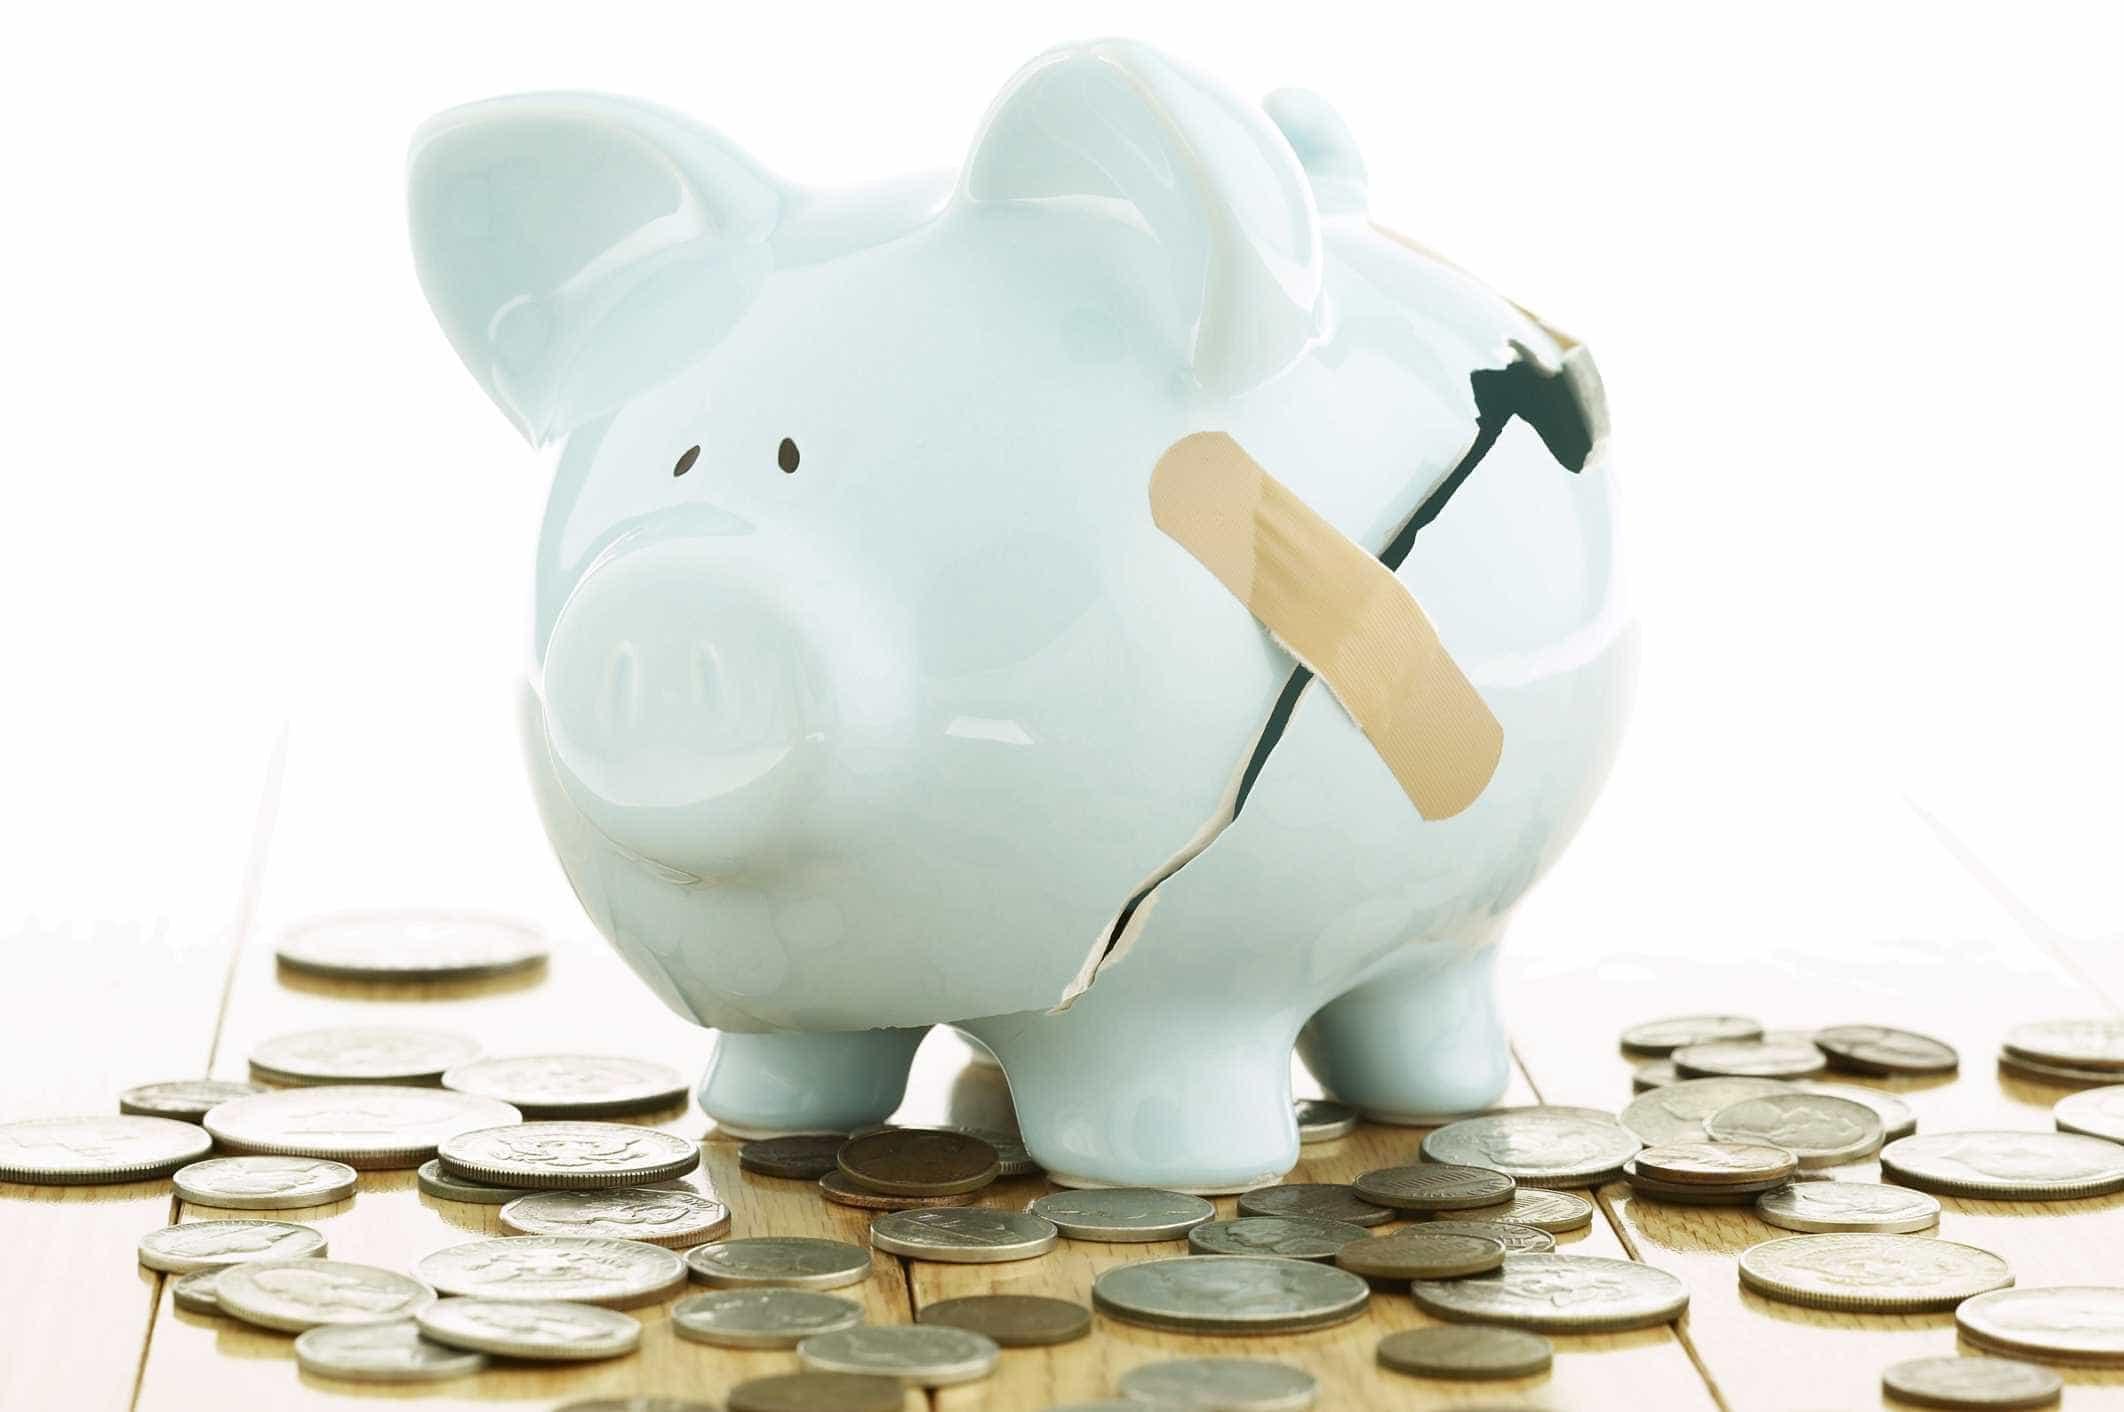 Só 8% dos brasileiros conseguiram poupar para investir no ano passado